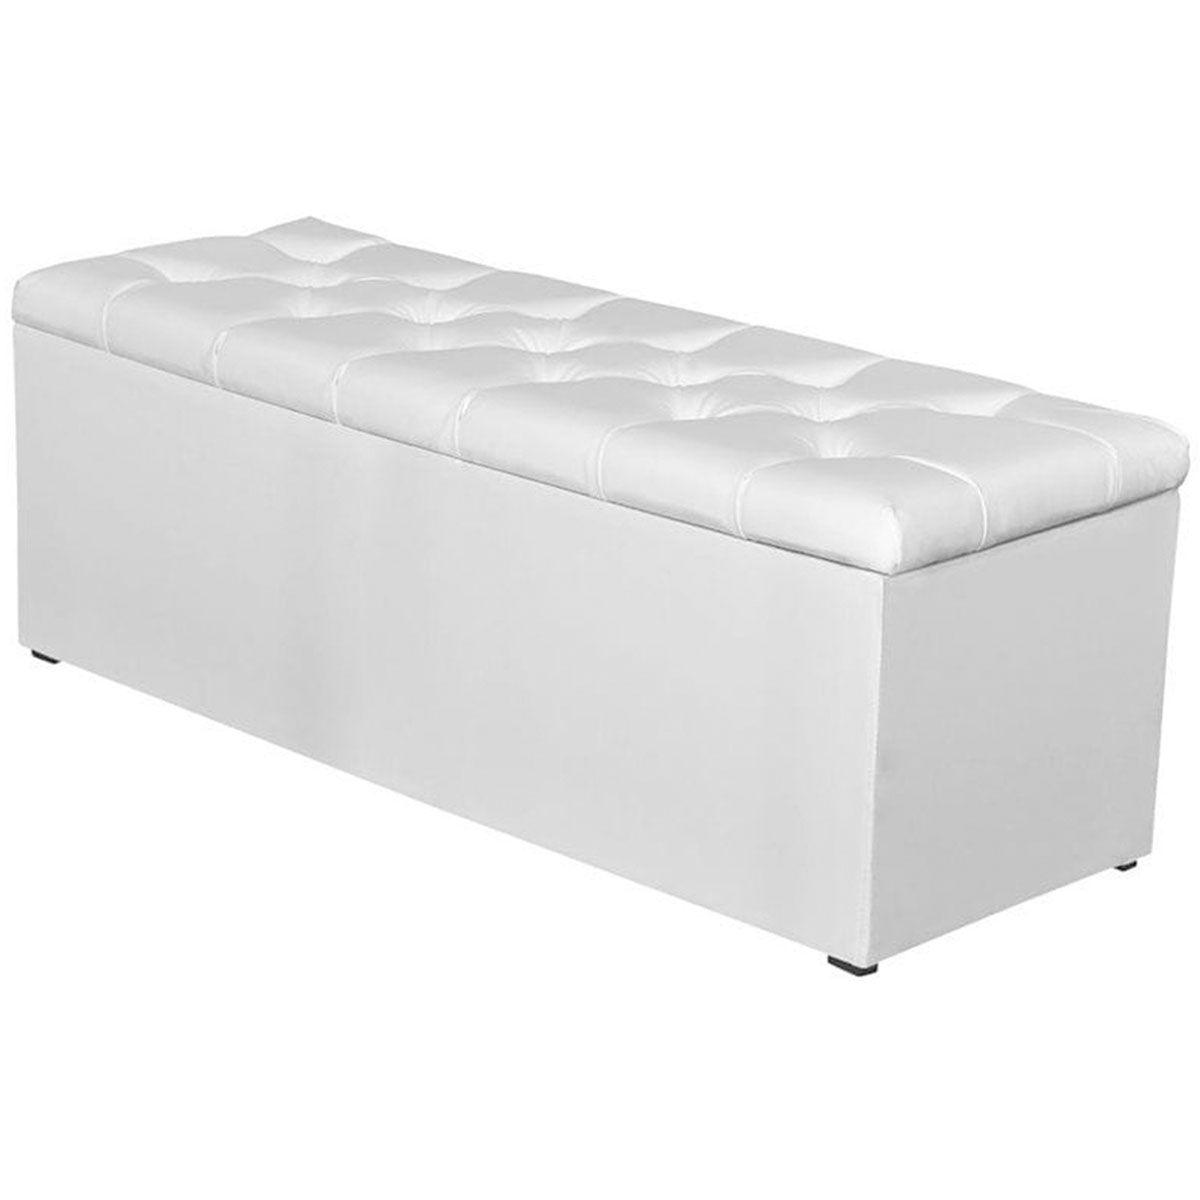 Calçadeira com Baú Paris 160 cm Sintético Branco JS Móveis